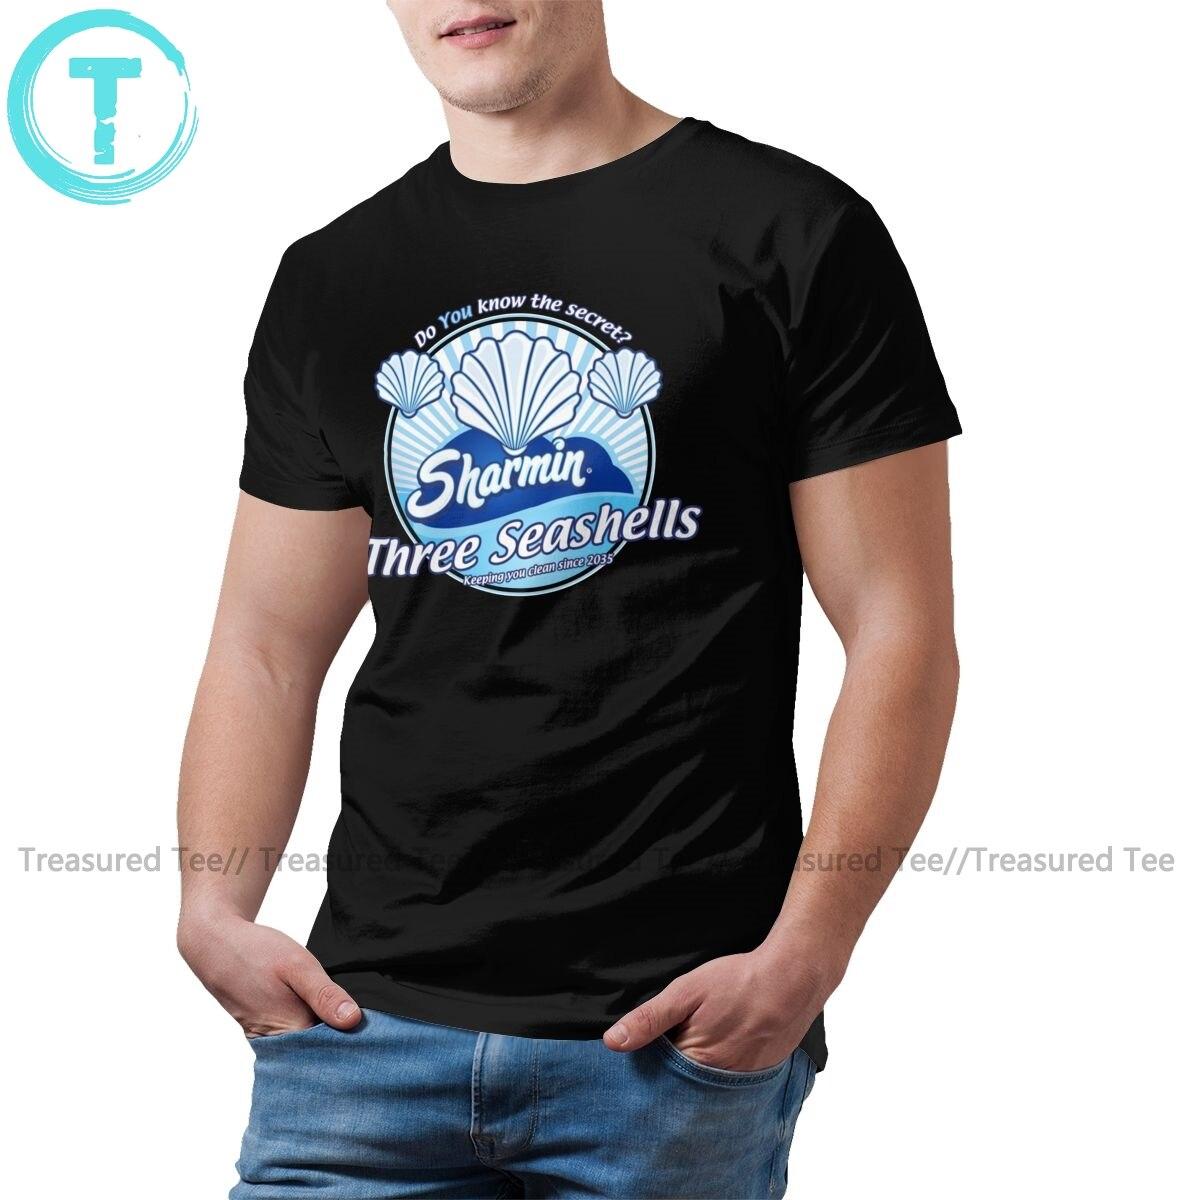 Seashells T Shirt Three Seashells Inspired By Demolition Man T-Shirt Plus Size Streetwear Tee Shirt Funny Tshirt